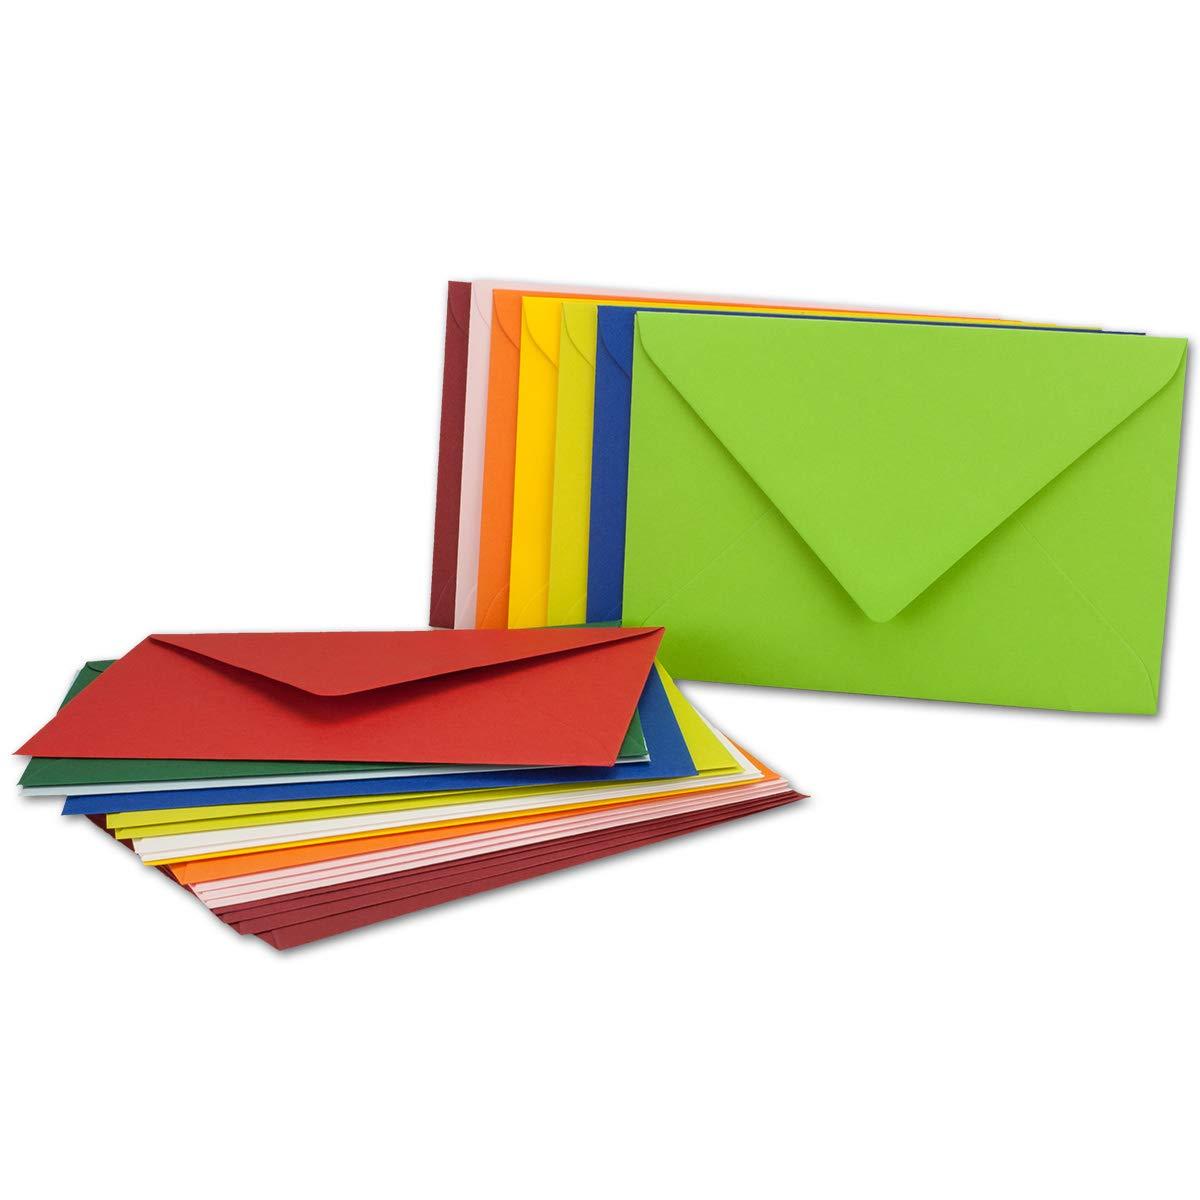 Mit und Ohne Futter Gustav NEUSER/® ca Bunte Mischung Haftklebung//Nassklebung C5-152 x 218 mm 25x farbige Brief-Umschl/äge gemischt